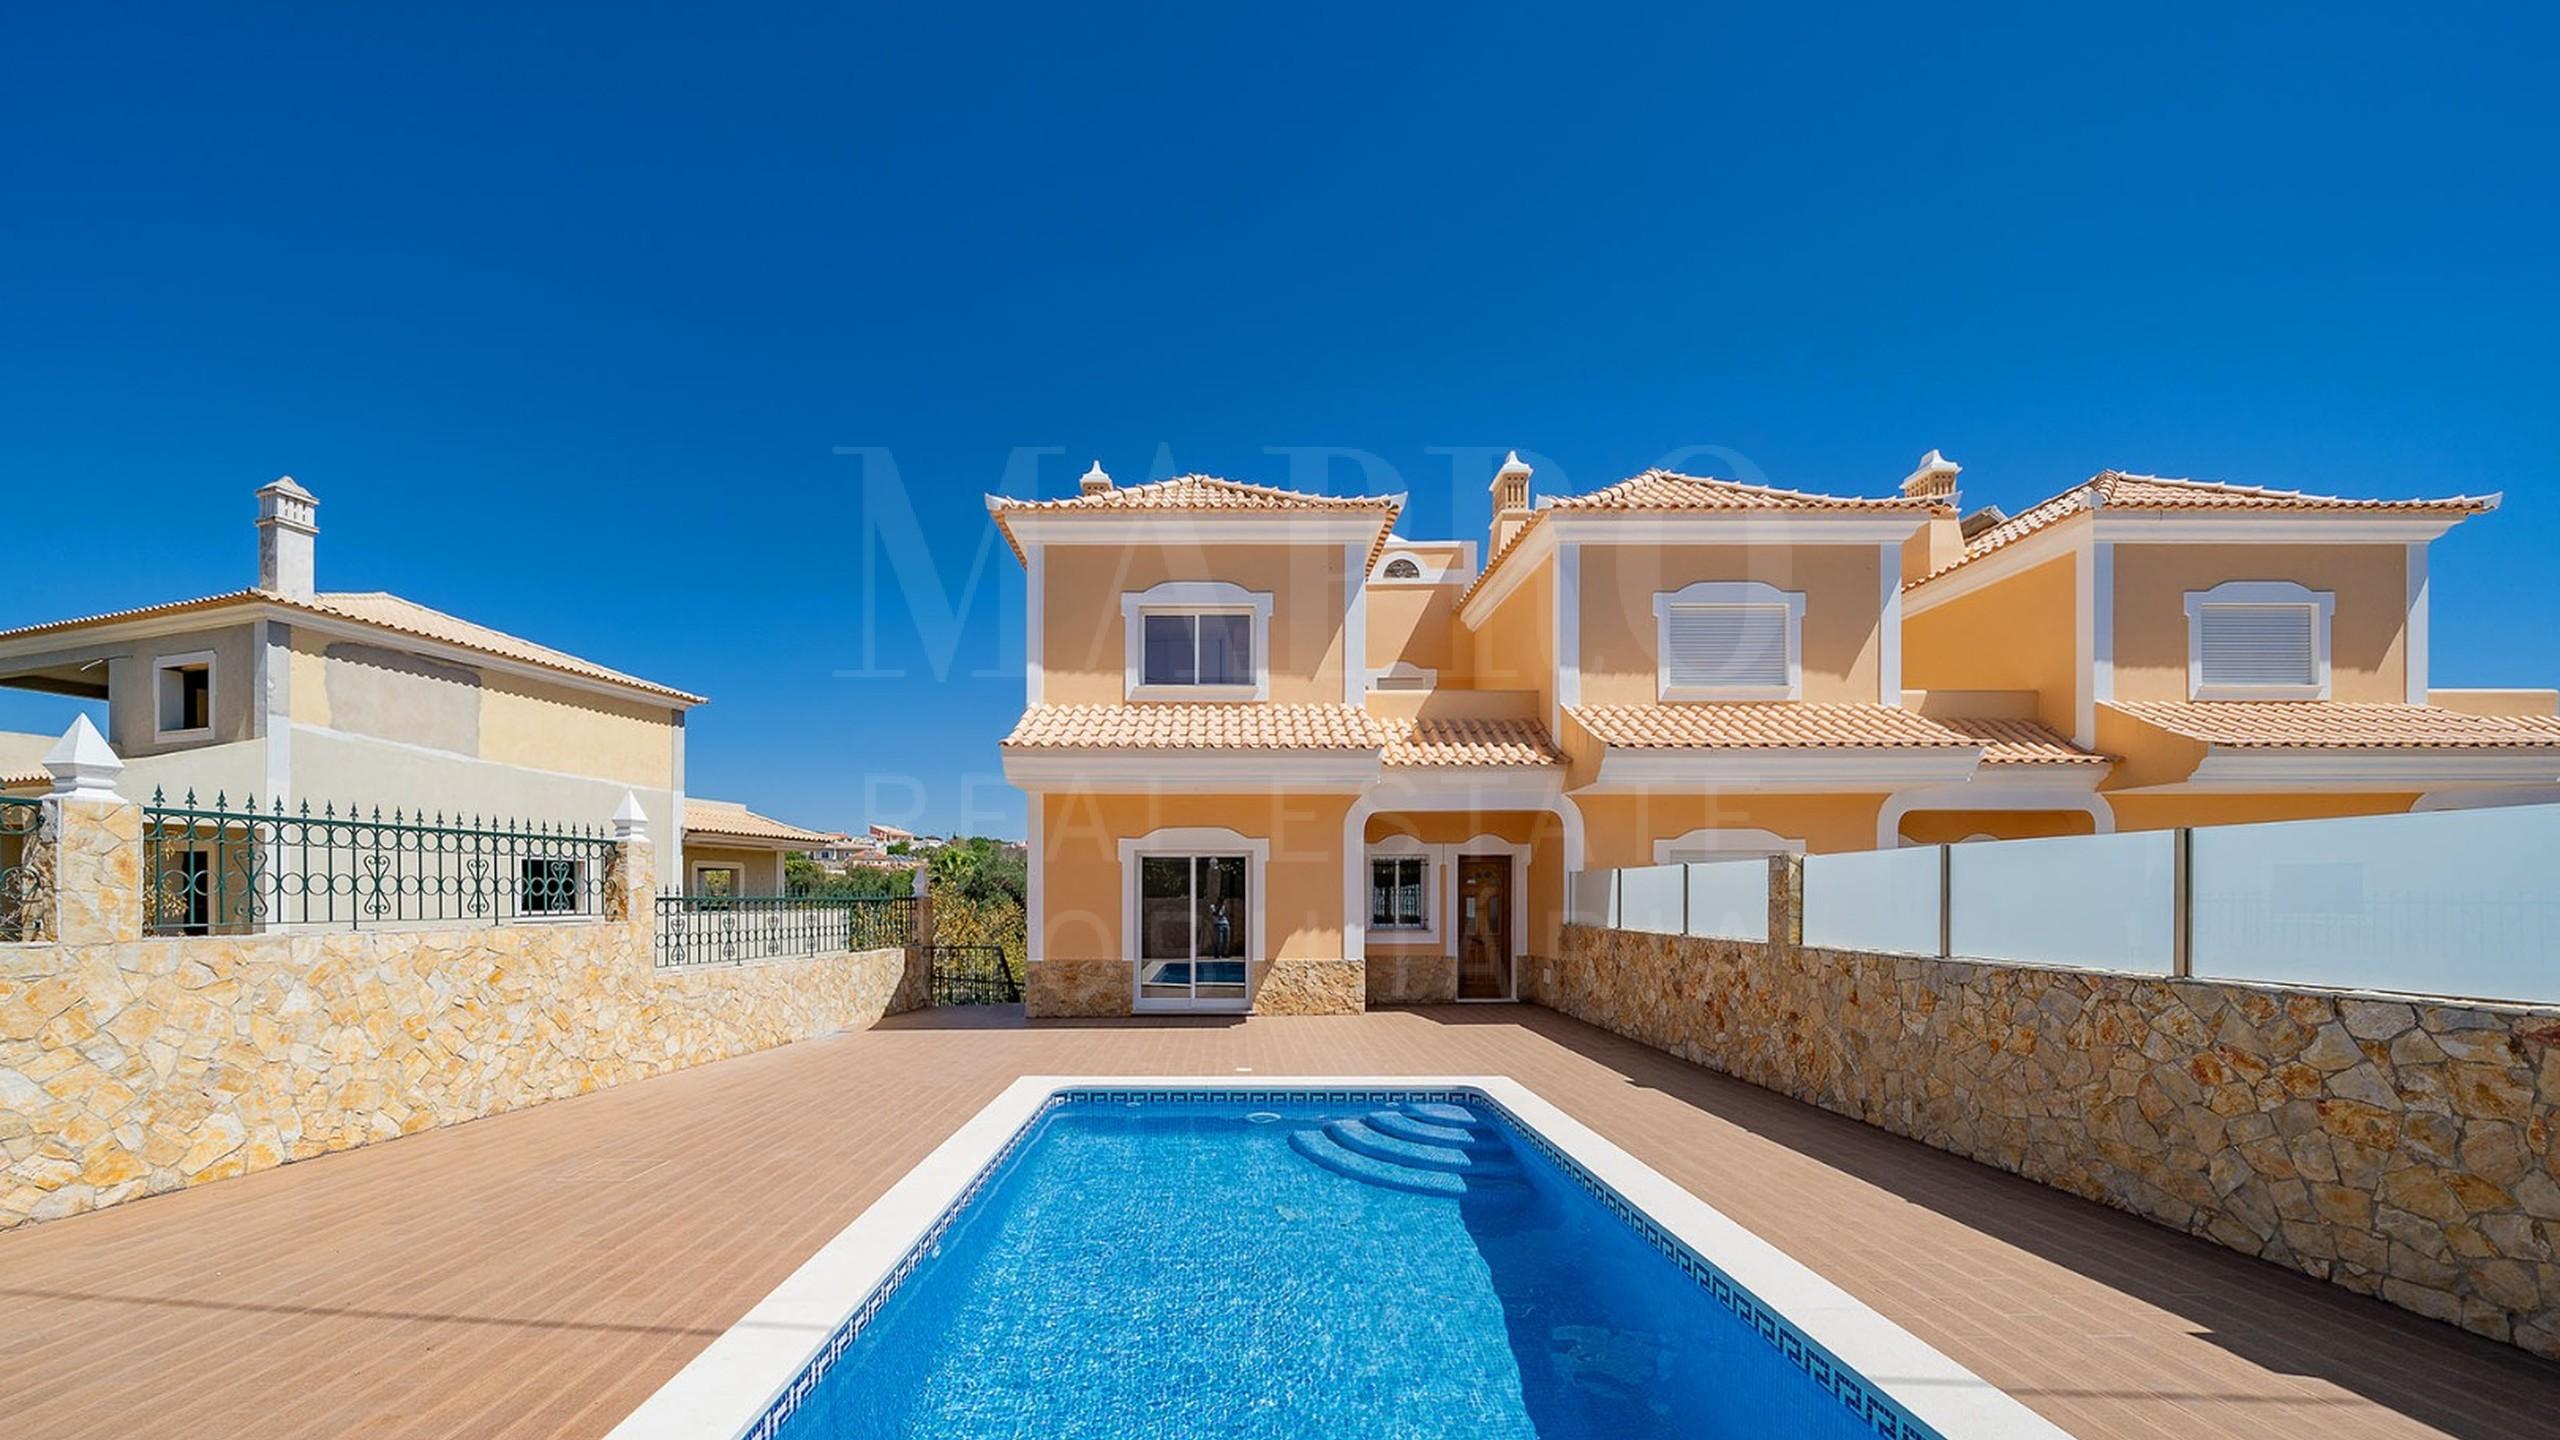 Maison de ville de 3 chambres près d'Almancil - Algarve